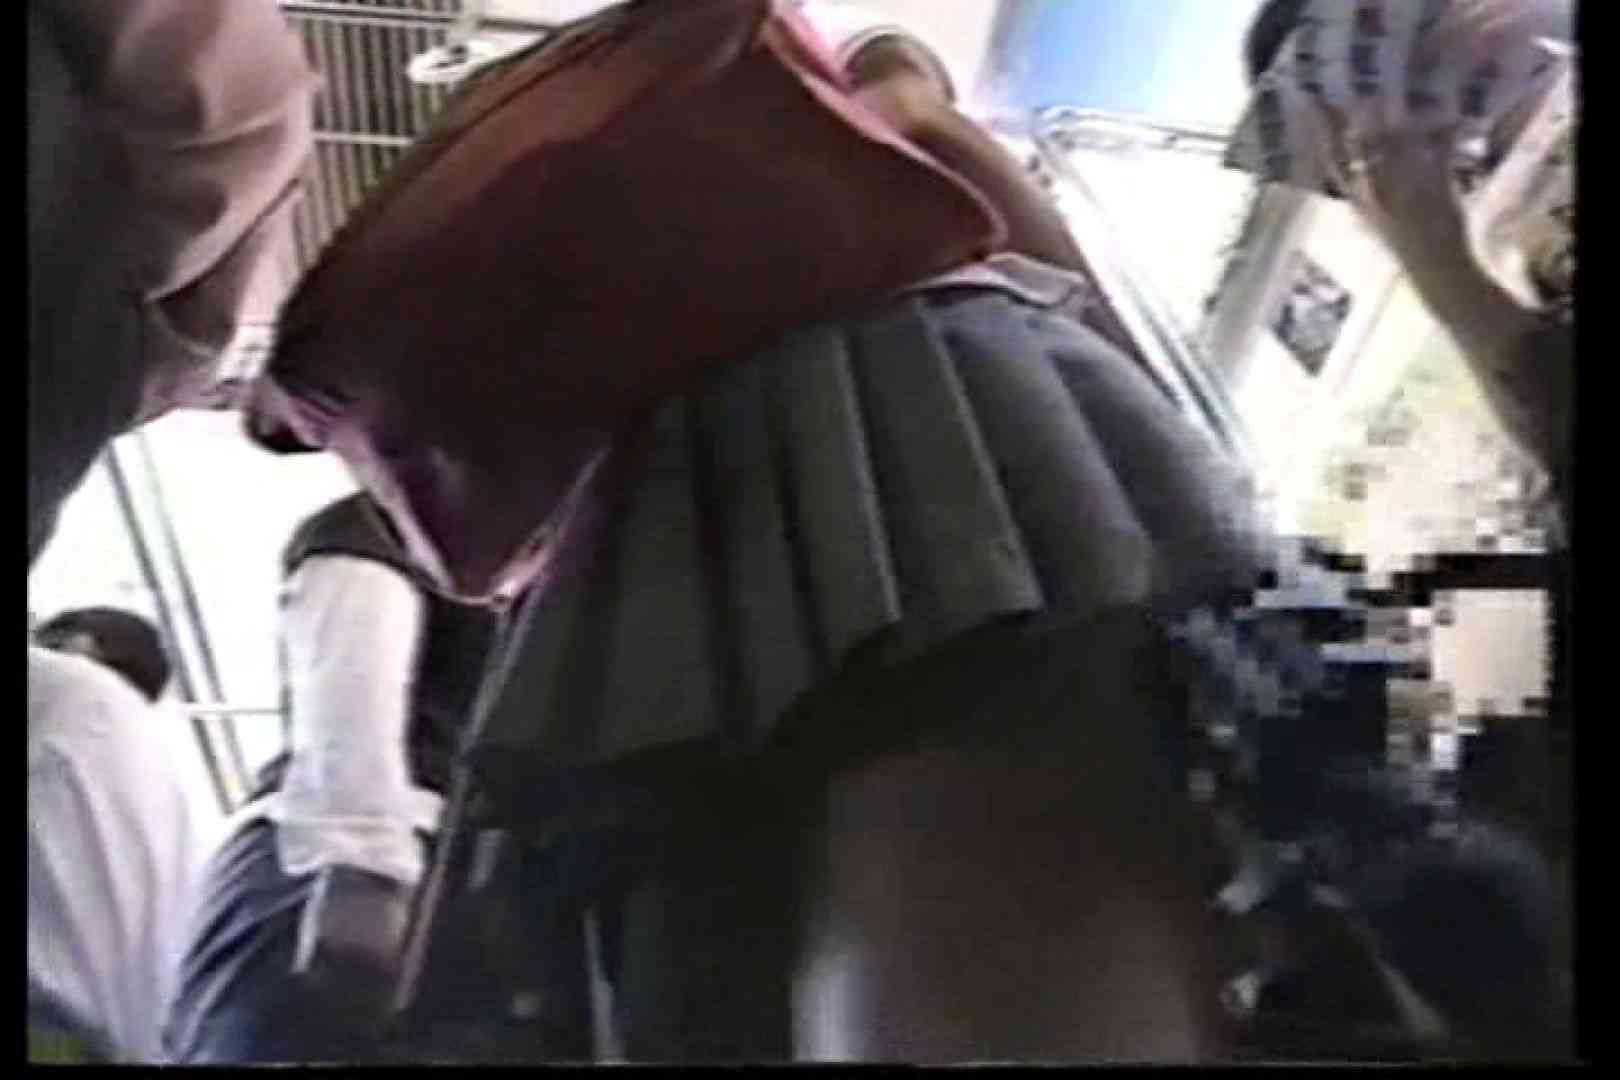 女子大生 夏服に替えれば下着も替わる モッコリを目で感触 TK-77 S級美女ギャル  100画像 33